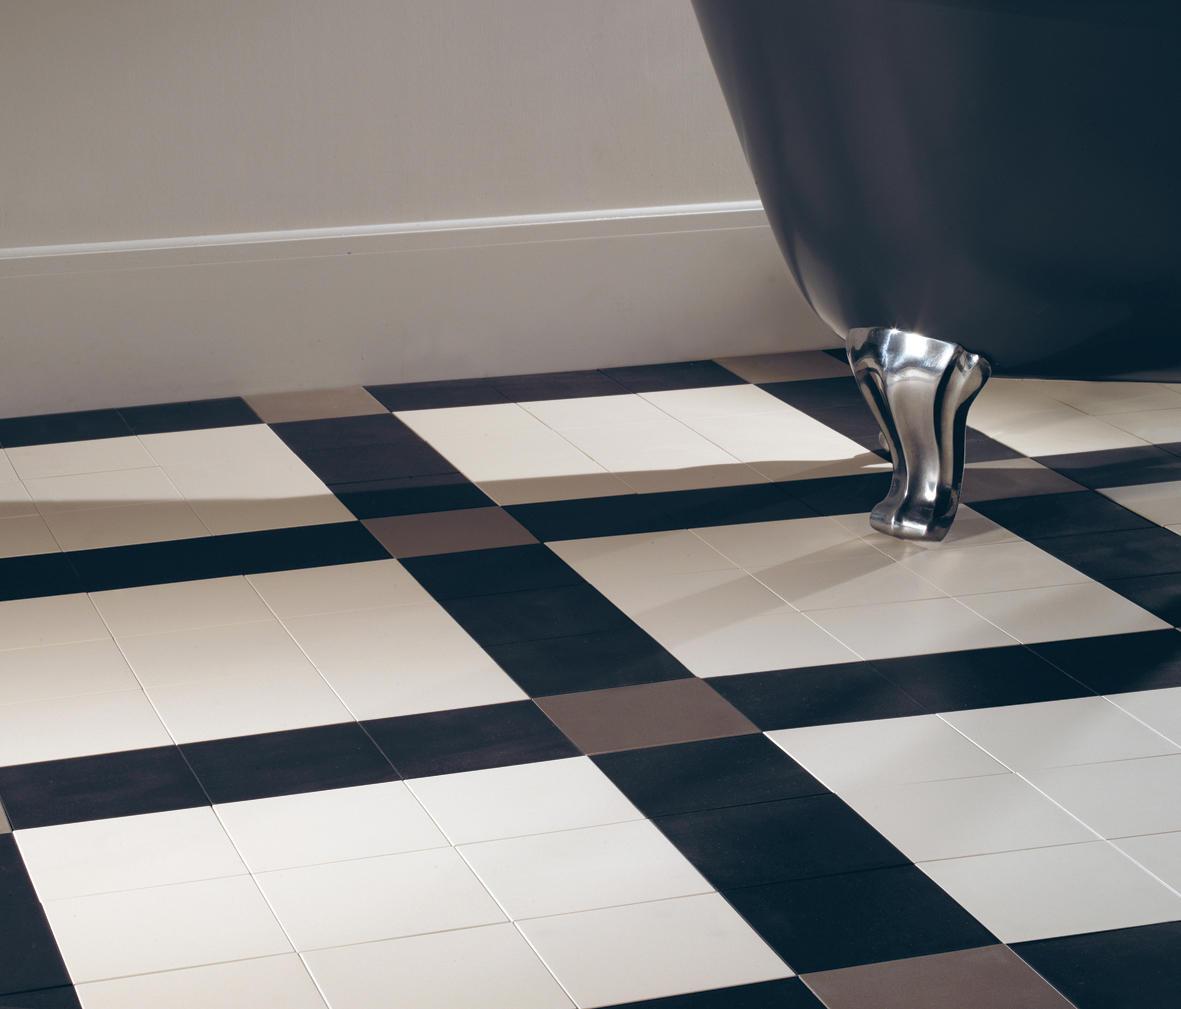 Heritage piastrelle per pavimenti devon devon architonic for Piastrelle heritage